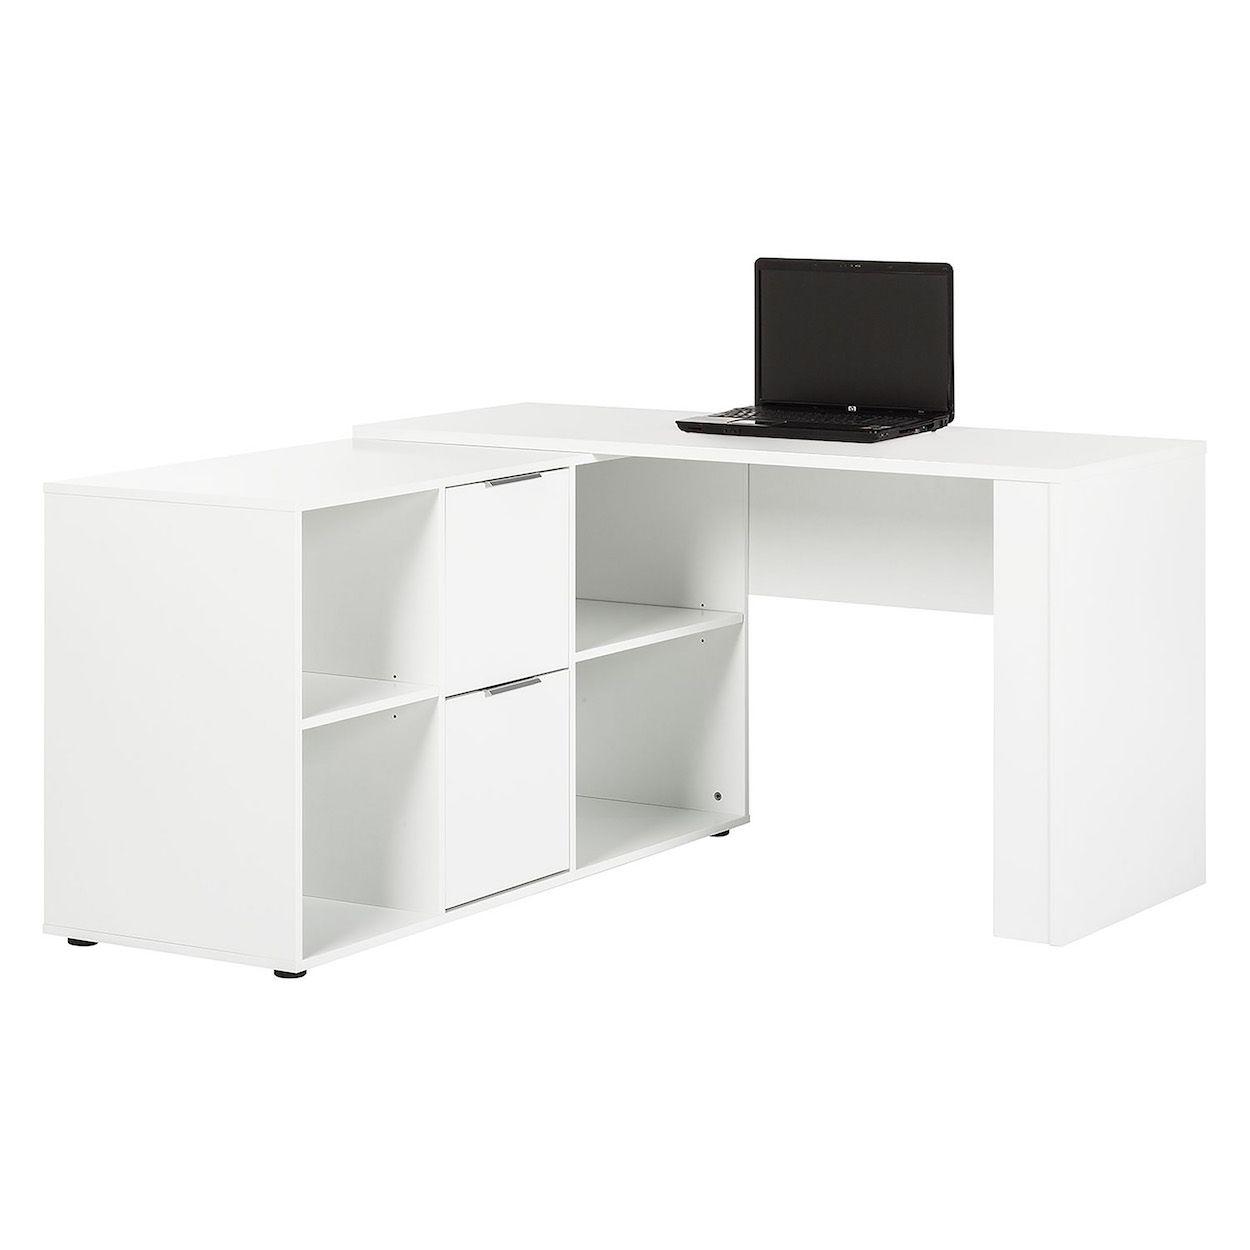 Schreibtisch und Sideboard in einem (ausklappbar) - cleveres ...